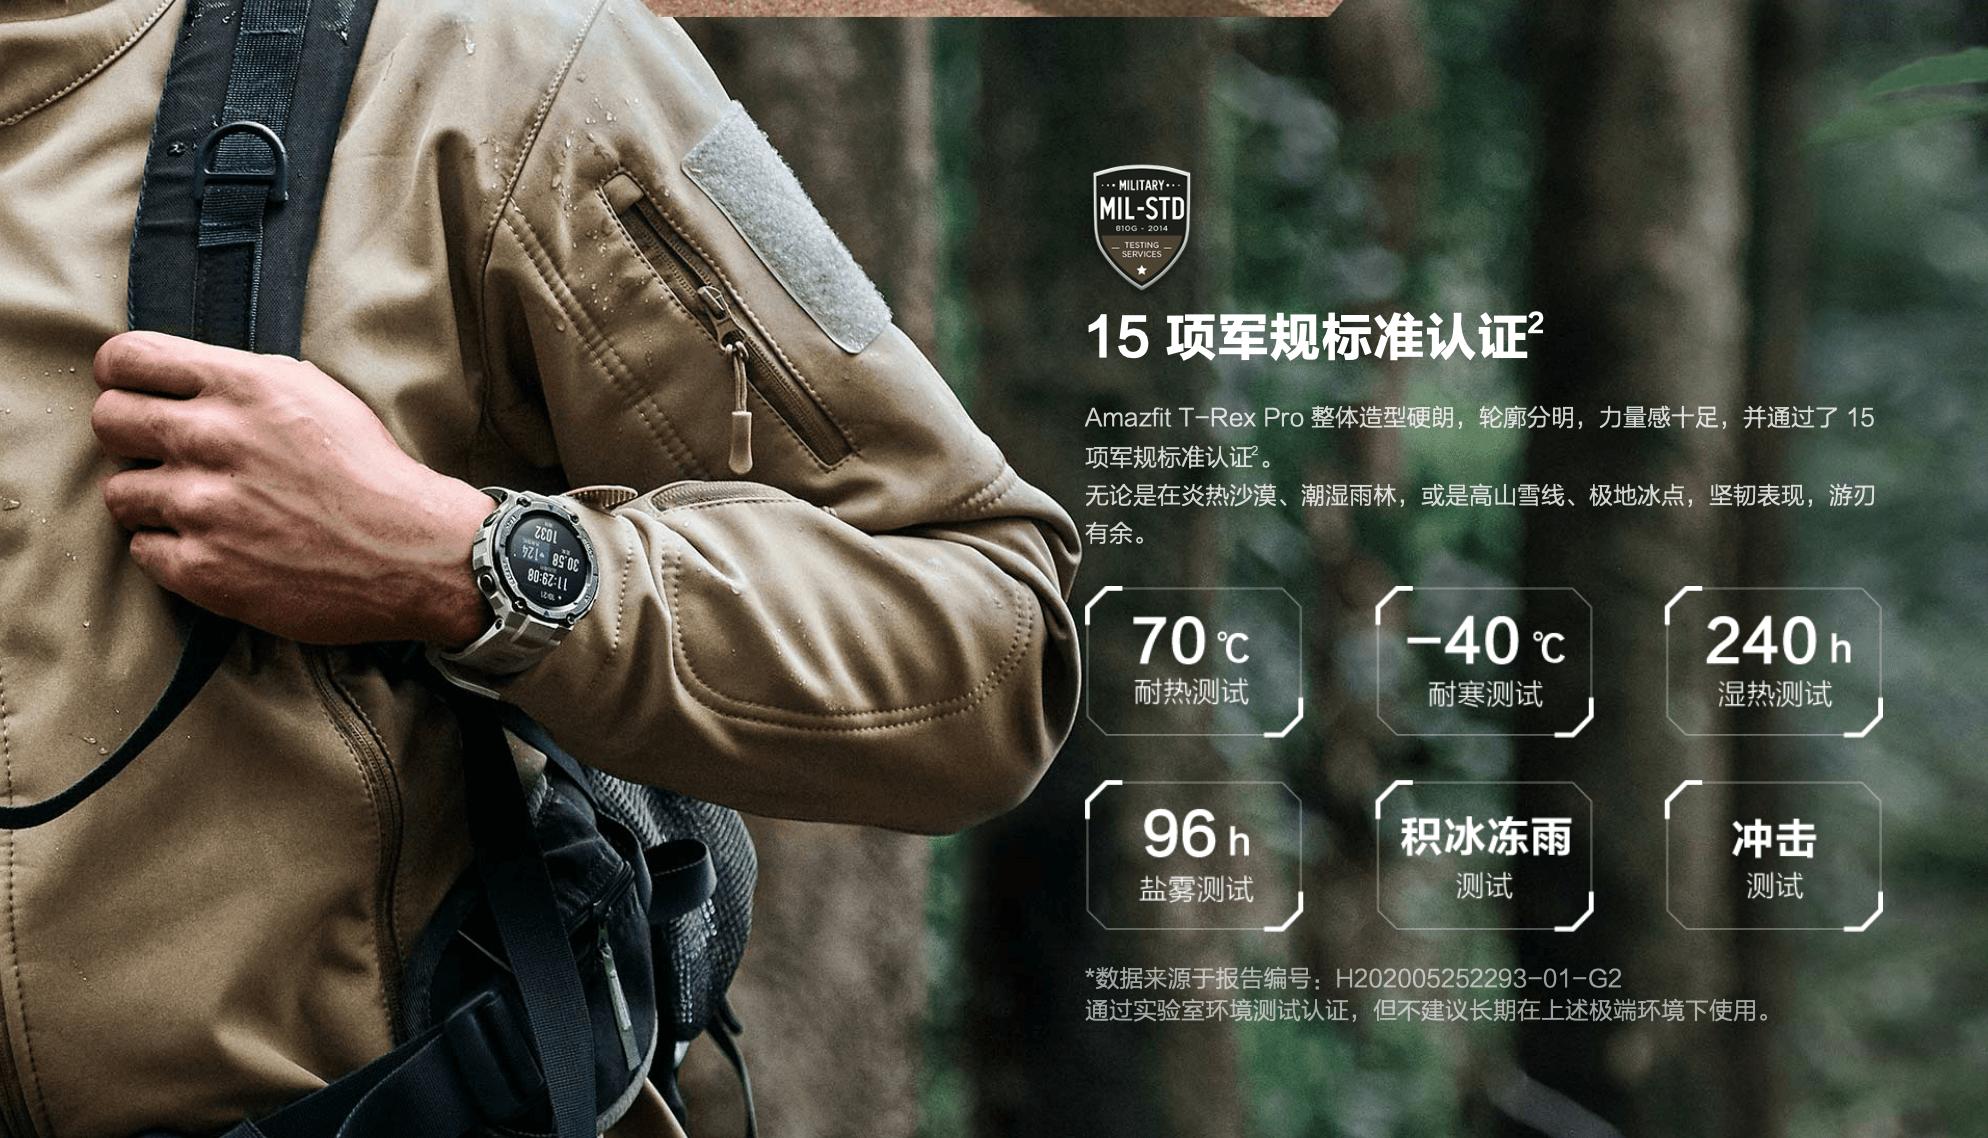 原创             Amazfit T-Rex Pro体验:户外爱好者的专属腕表